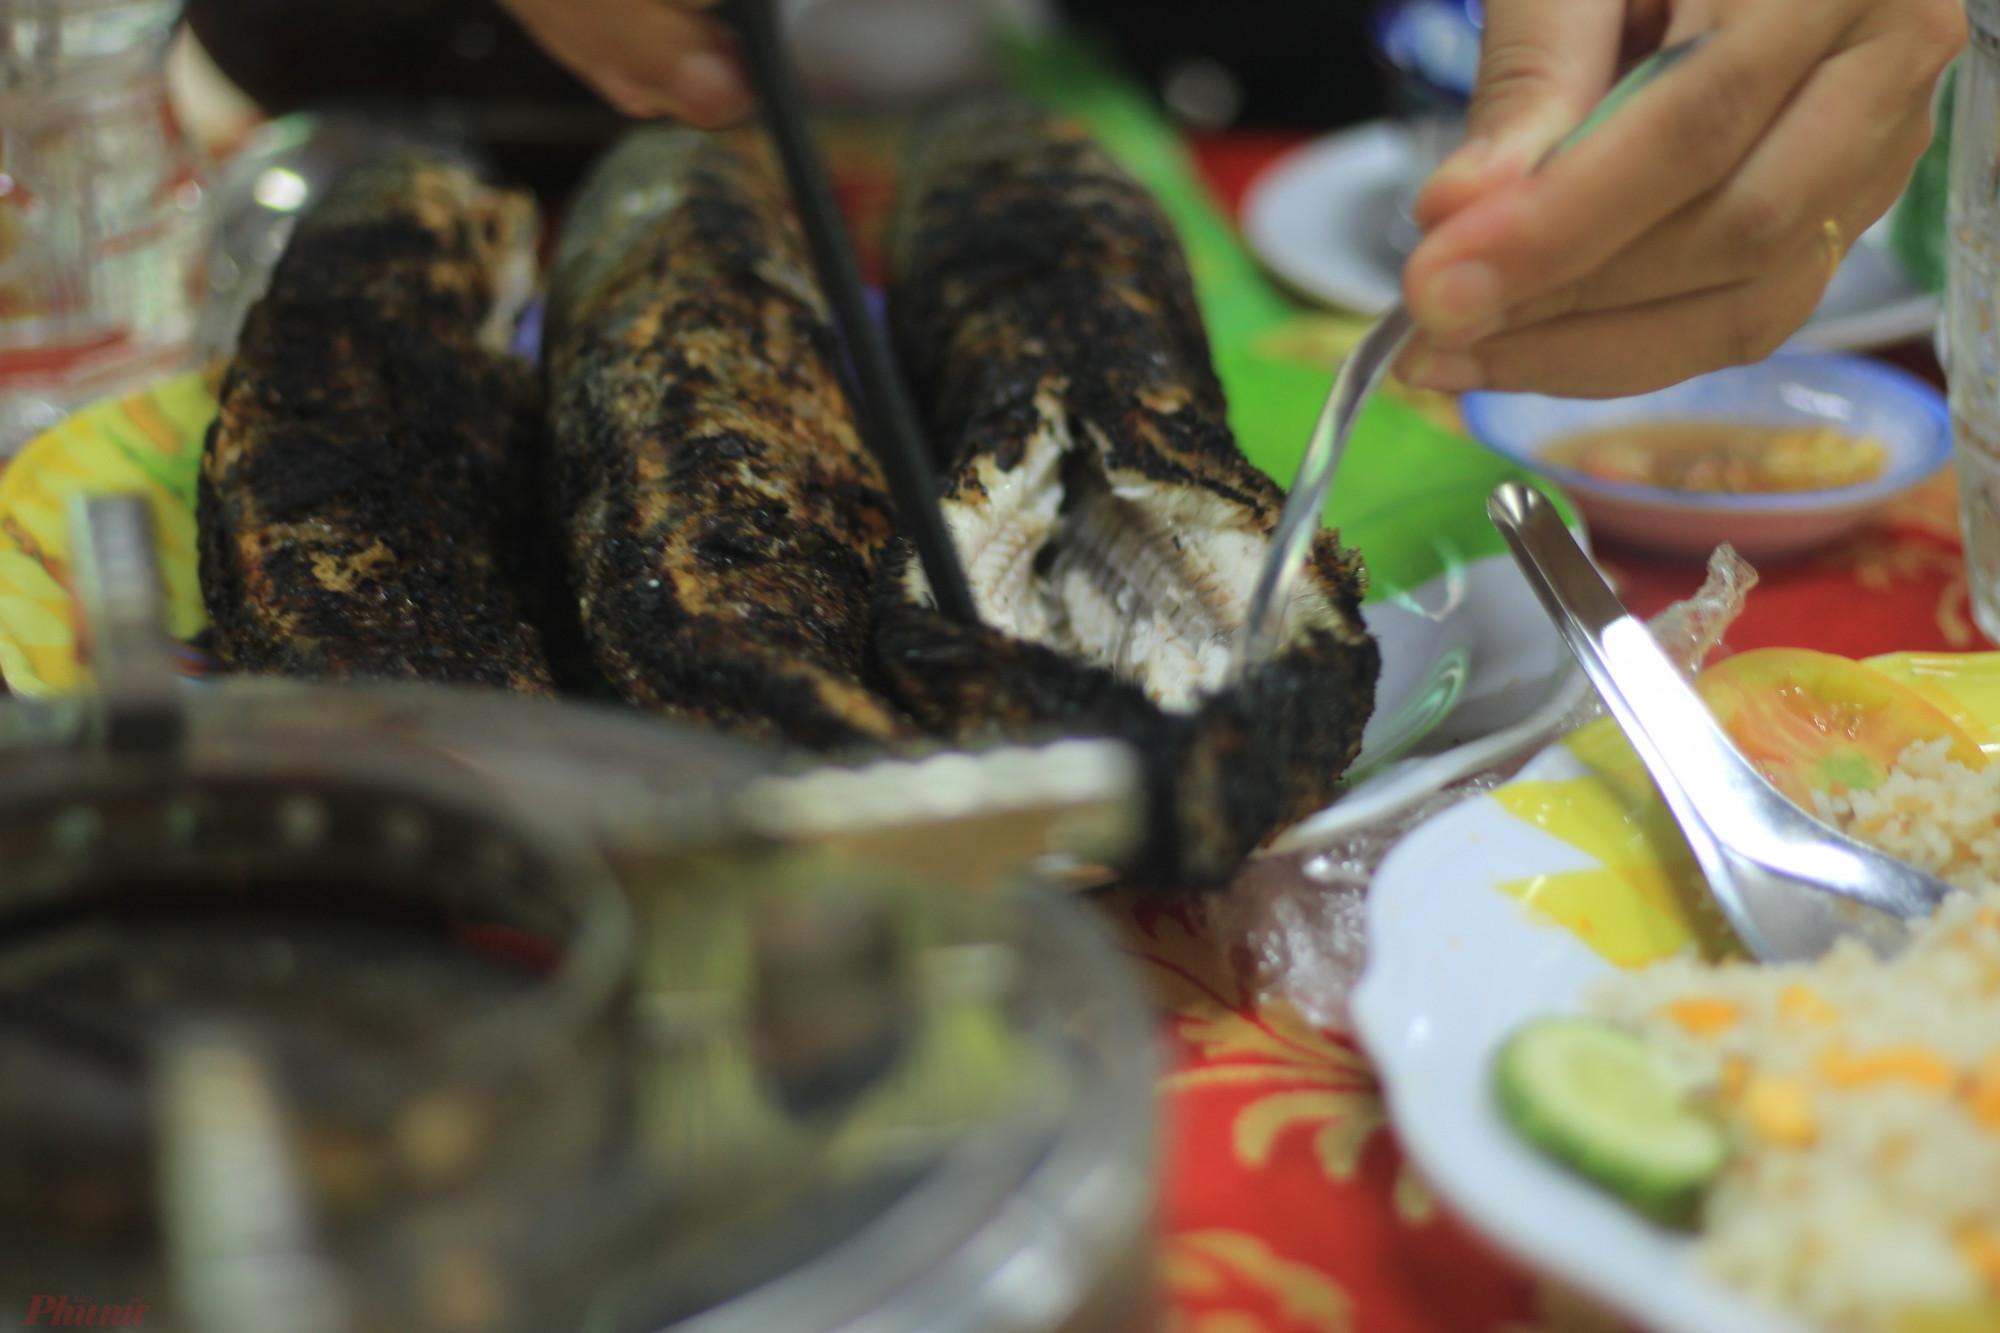 Người lớn ăn cá lóc nướng trui với đủ loại rau lá trong vườn, chấm mắm me. Trẻ con, chỉ cần chén muối ớt là đủ. Ảnh: Uyên Lâm